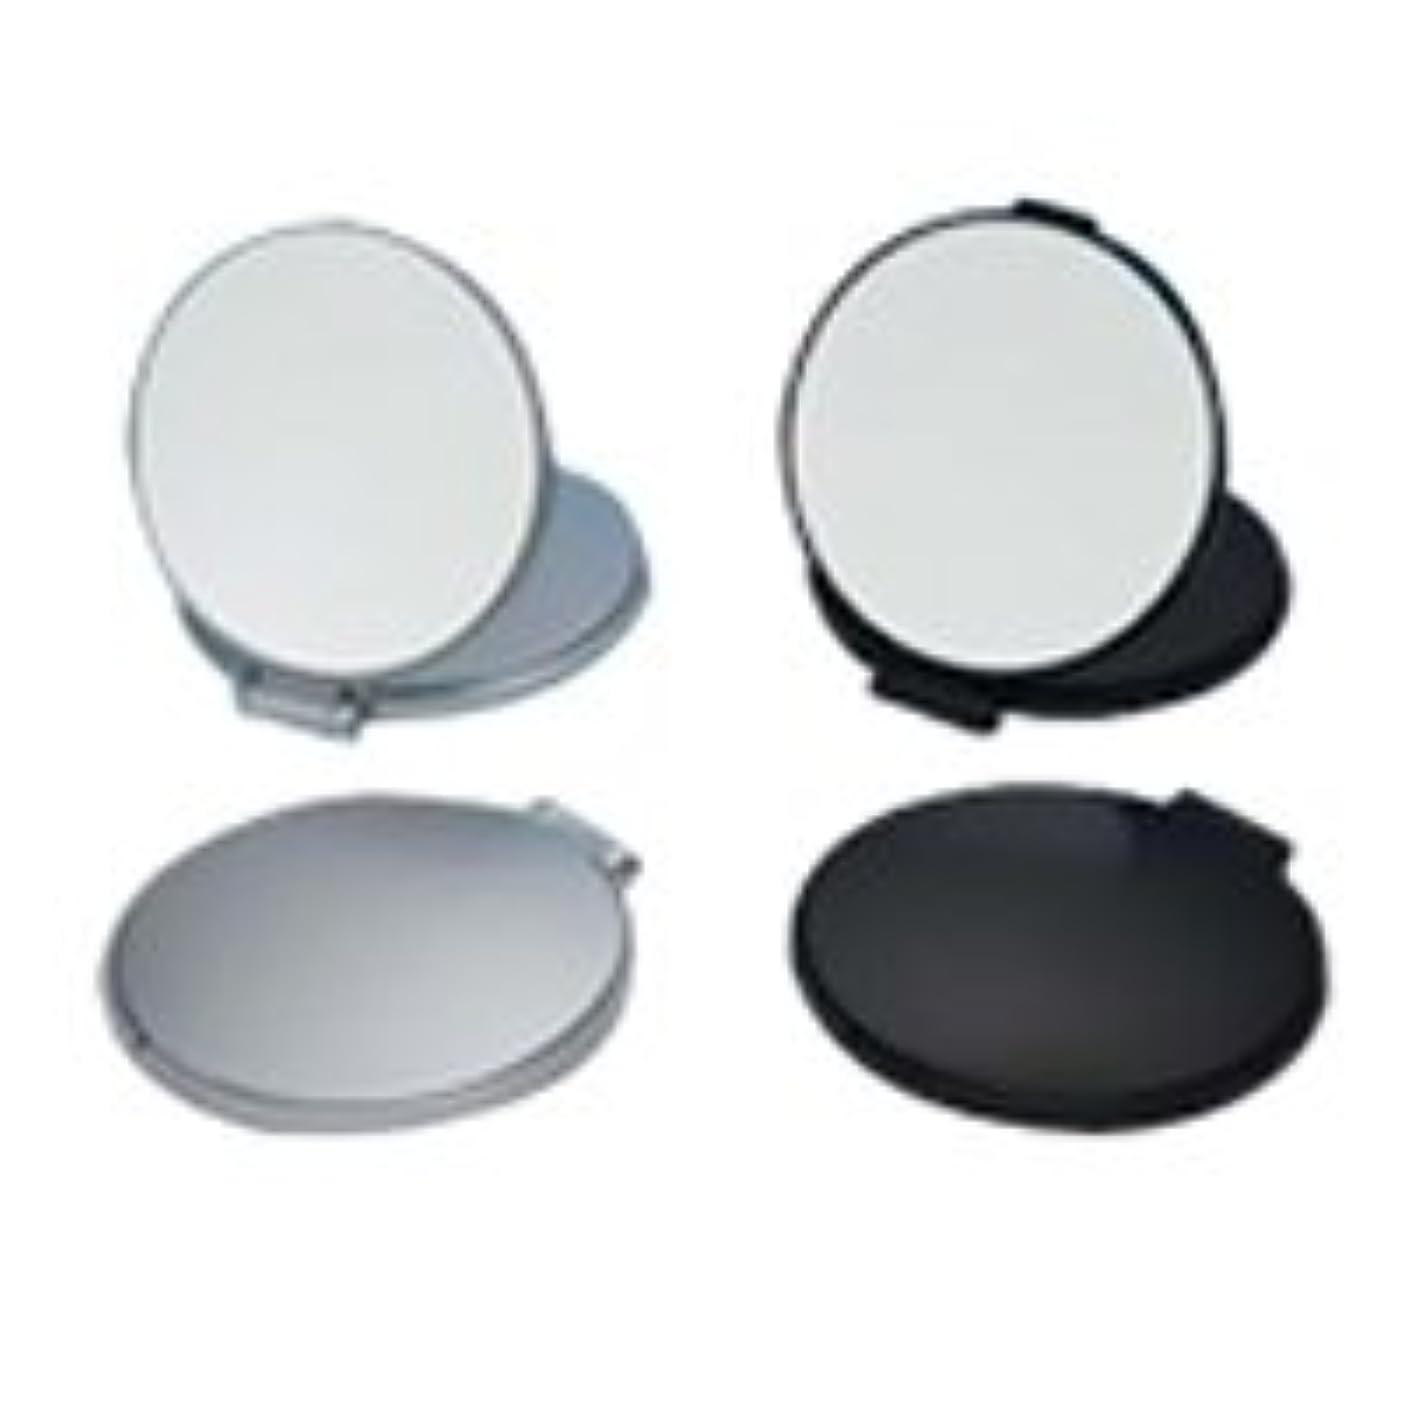 アクティビティ歌ぴったりコンパクトミラー 拡大鏡 メイク 拡大ミラー ナピュアミラー 鏡 リアルズームアップ プラス 両面 3倍 RC-03 堀内鏡工業※このページは「シルバー」のみの販売です◆シルバー